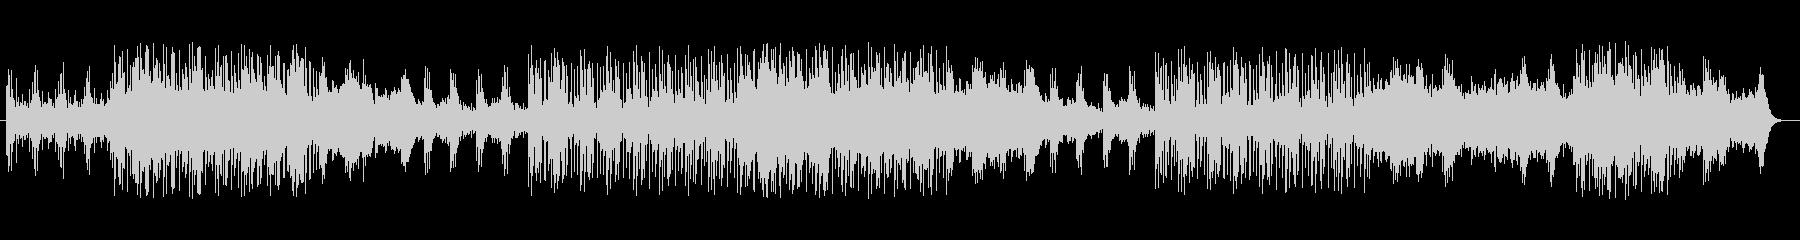 シンセサイザーによる緊張感のある曲の未再生の波形